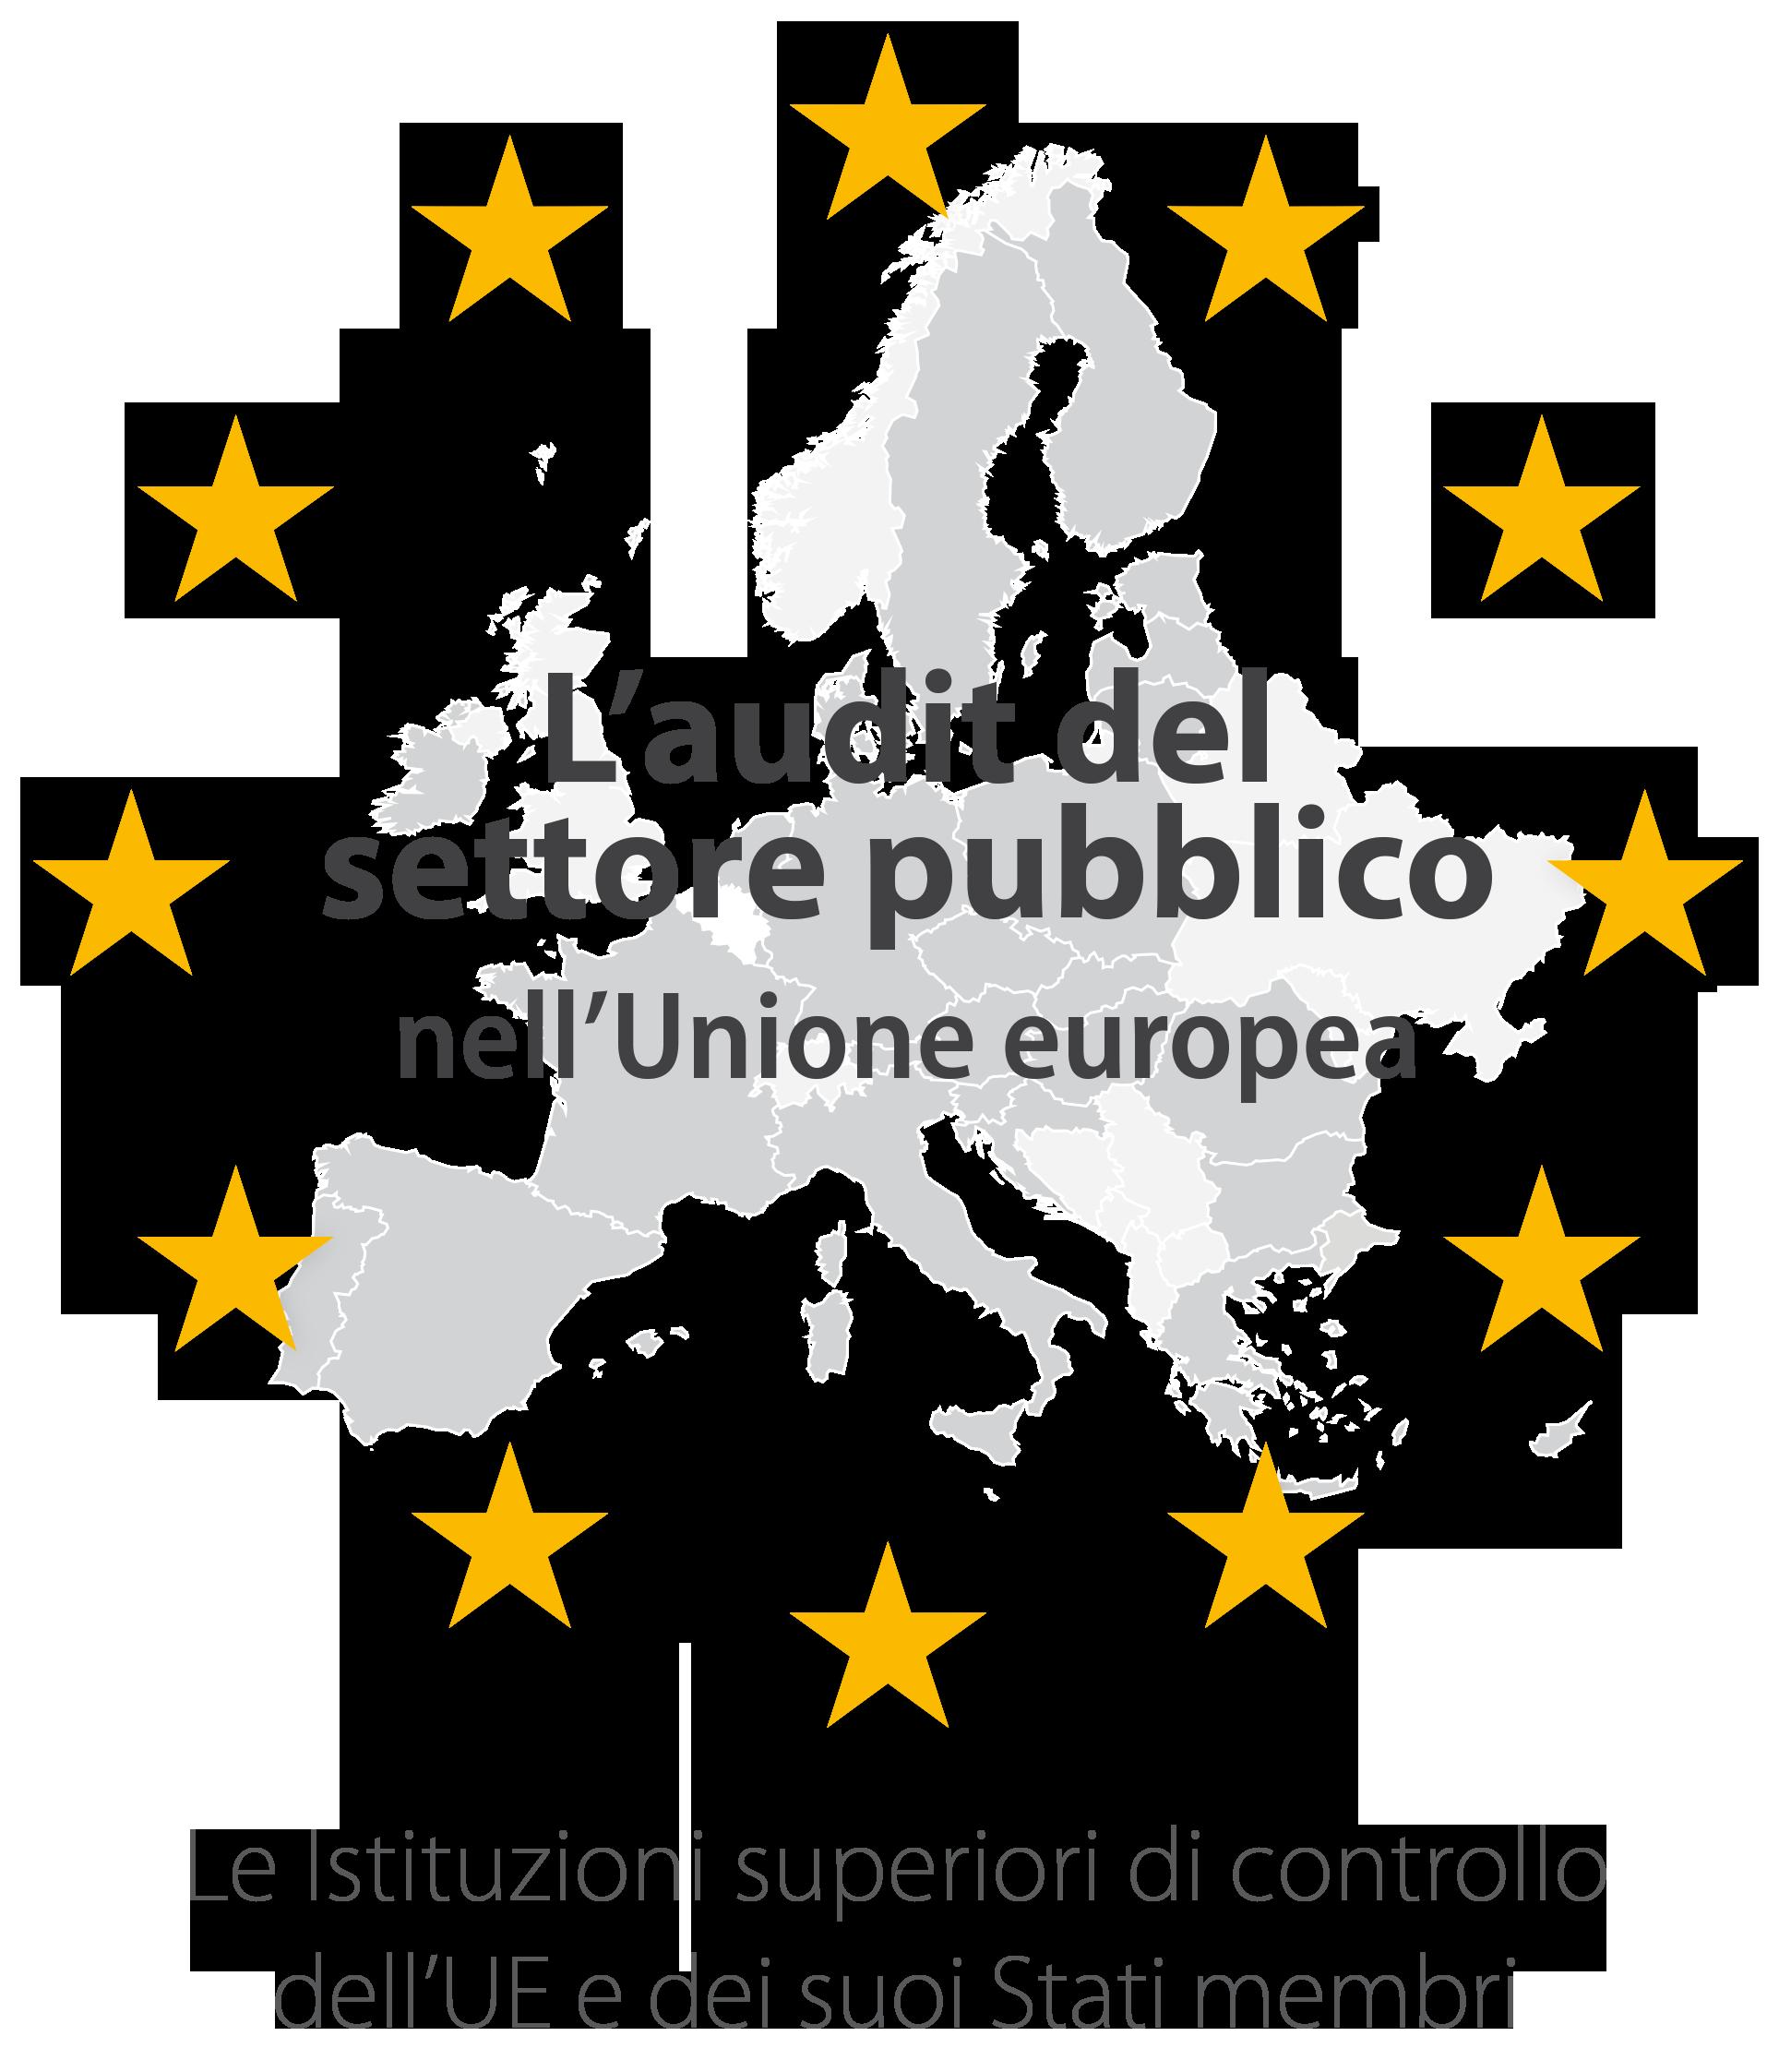 L Audit Del Settore Pubblico Nell Unione Europea Edizione 2019